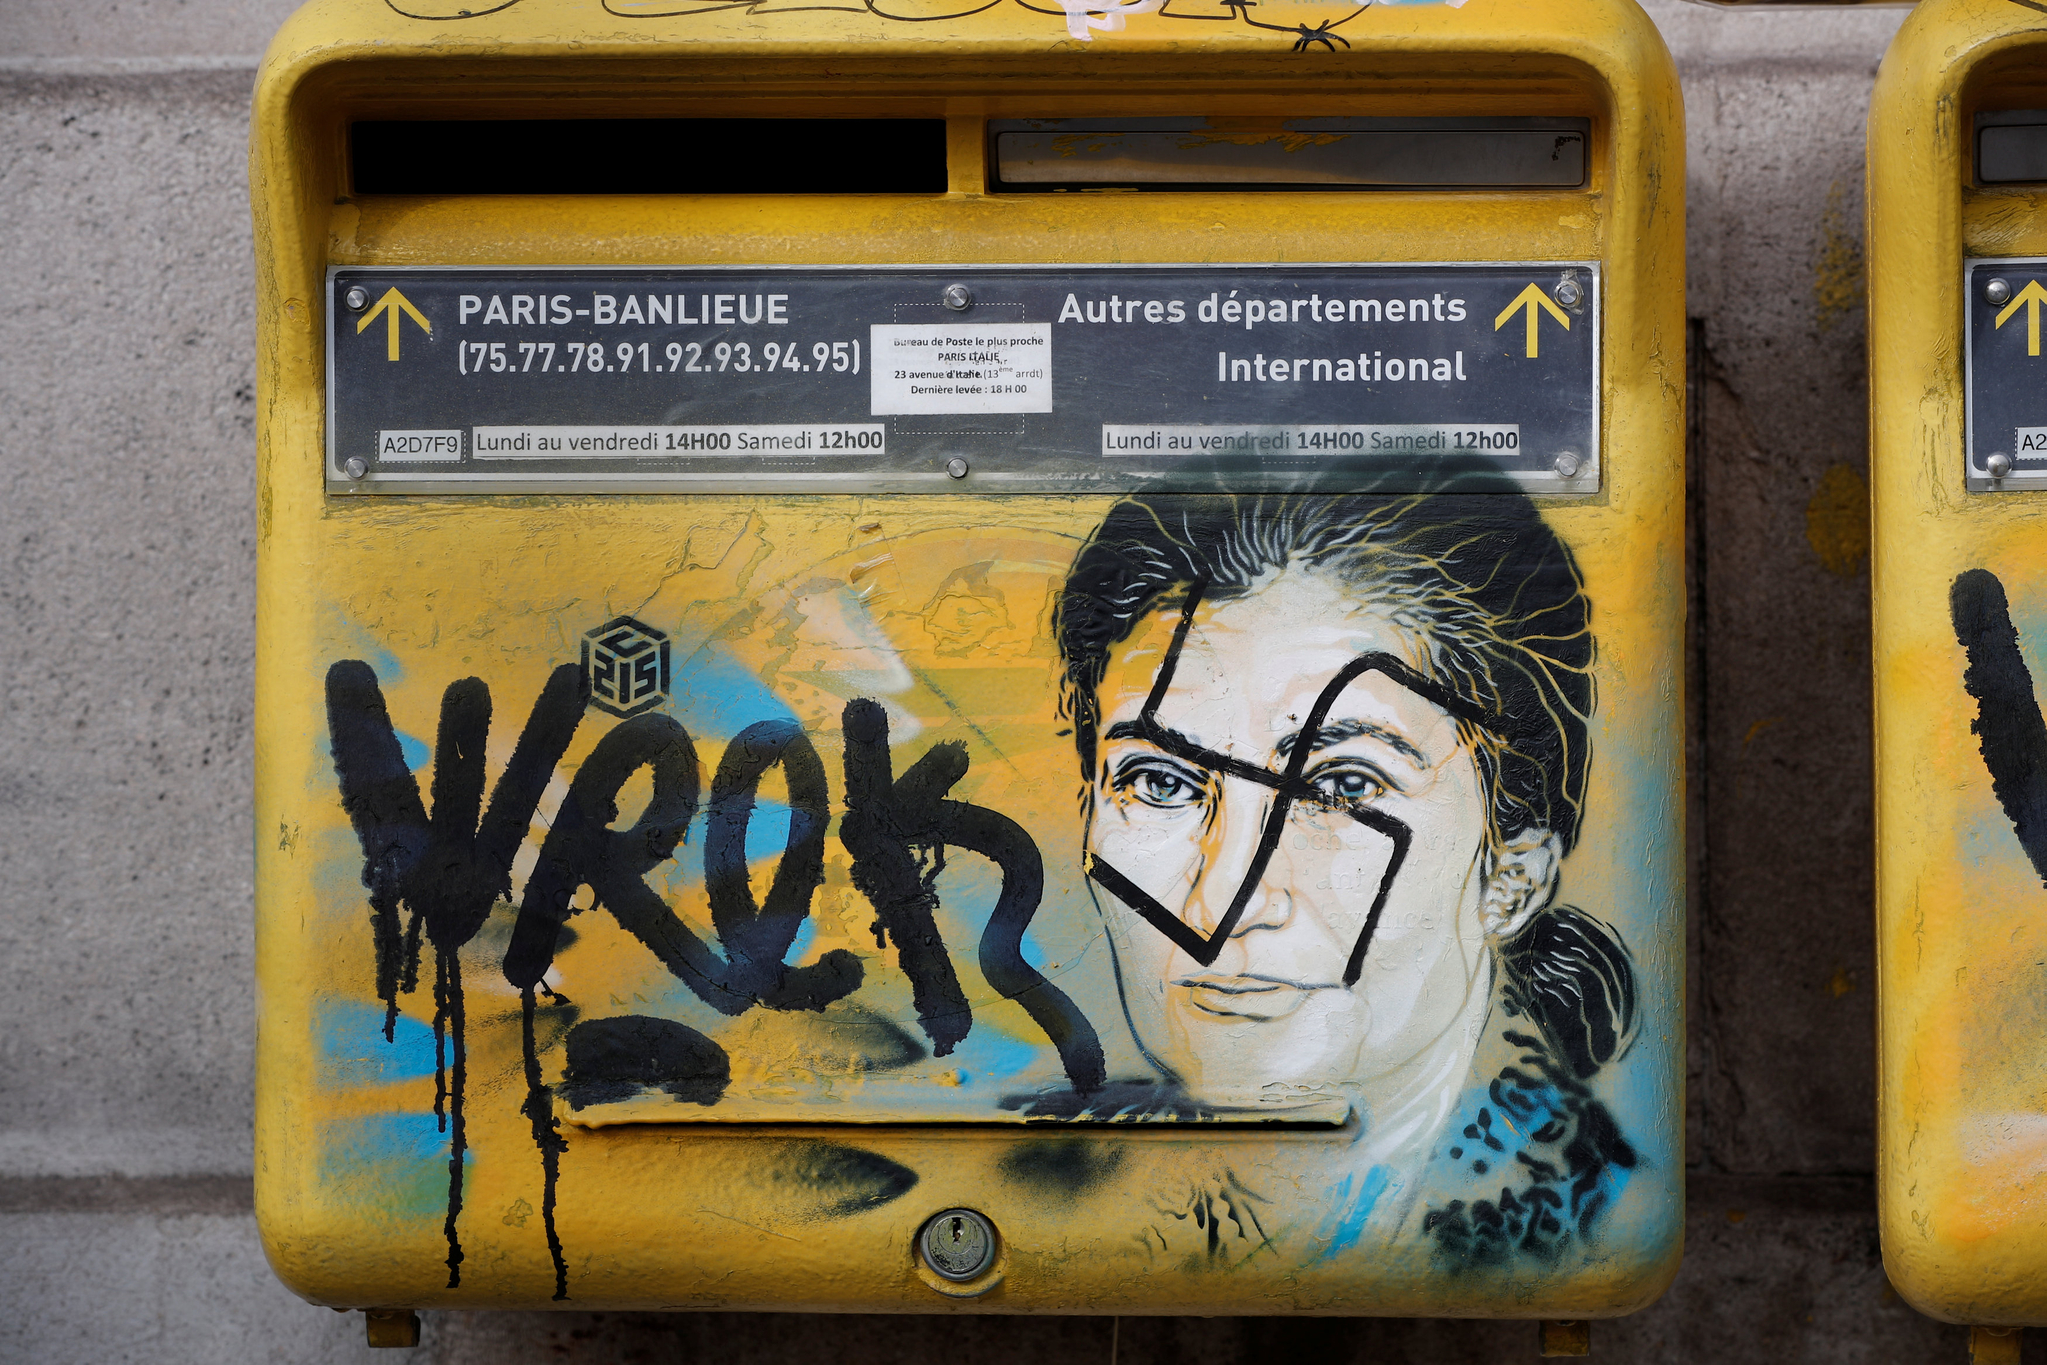 지난 2월 12일 프랑스 파리에서 홀로코스트 생존자 초상화가 그려진 우편함에 훼손되어 있다. [로이터=연합뉴스]